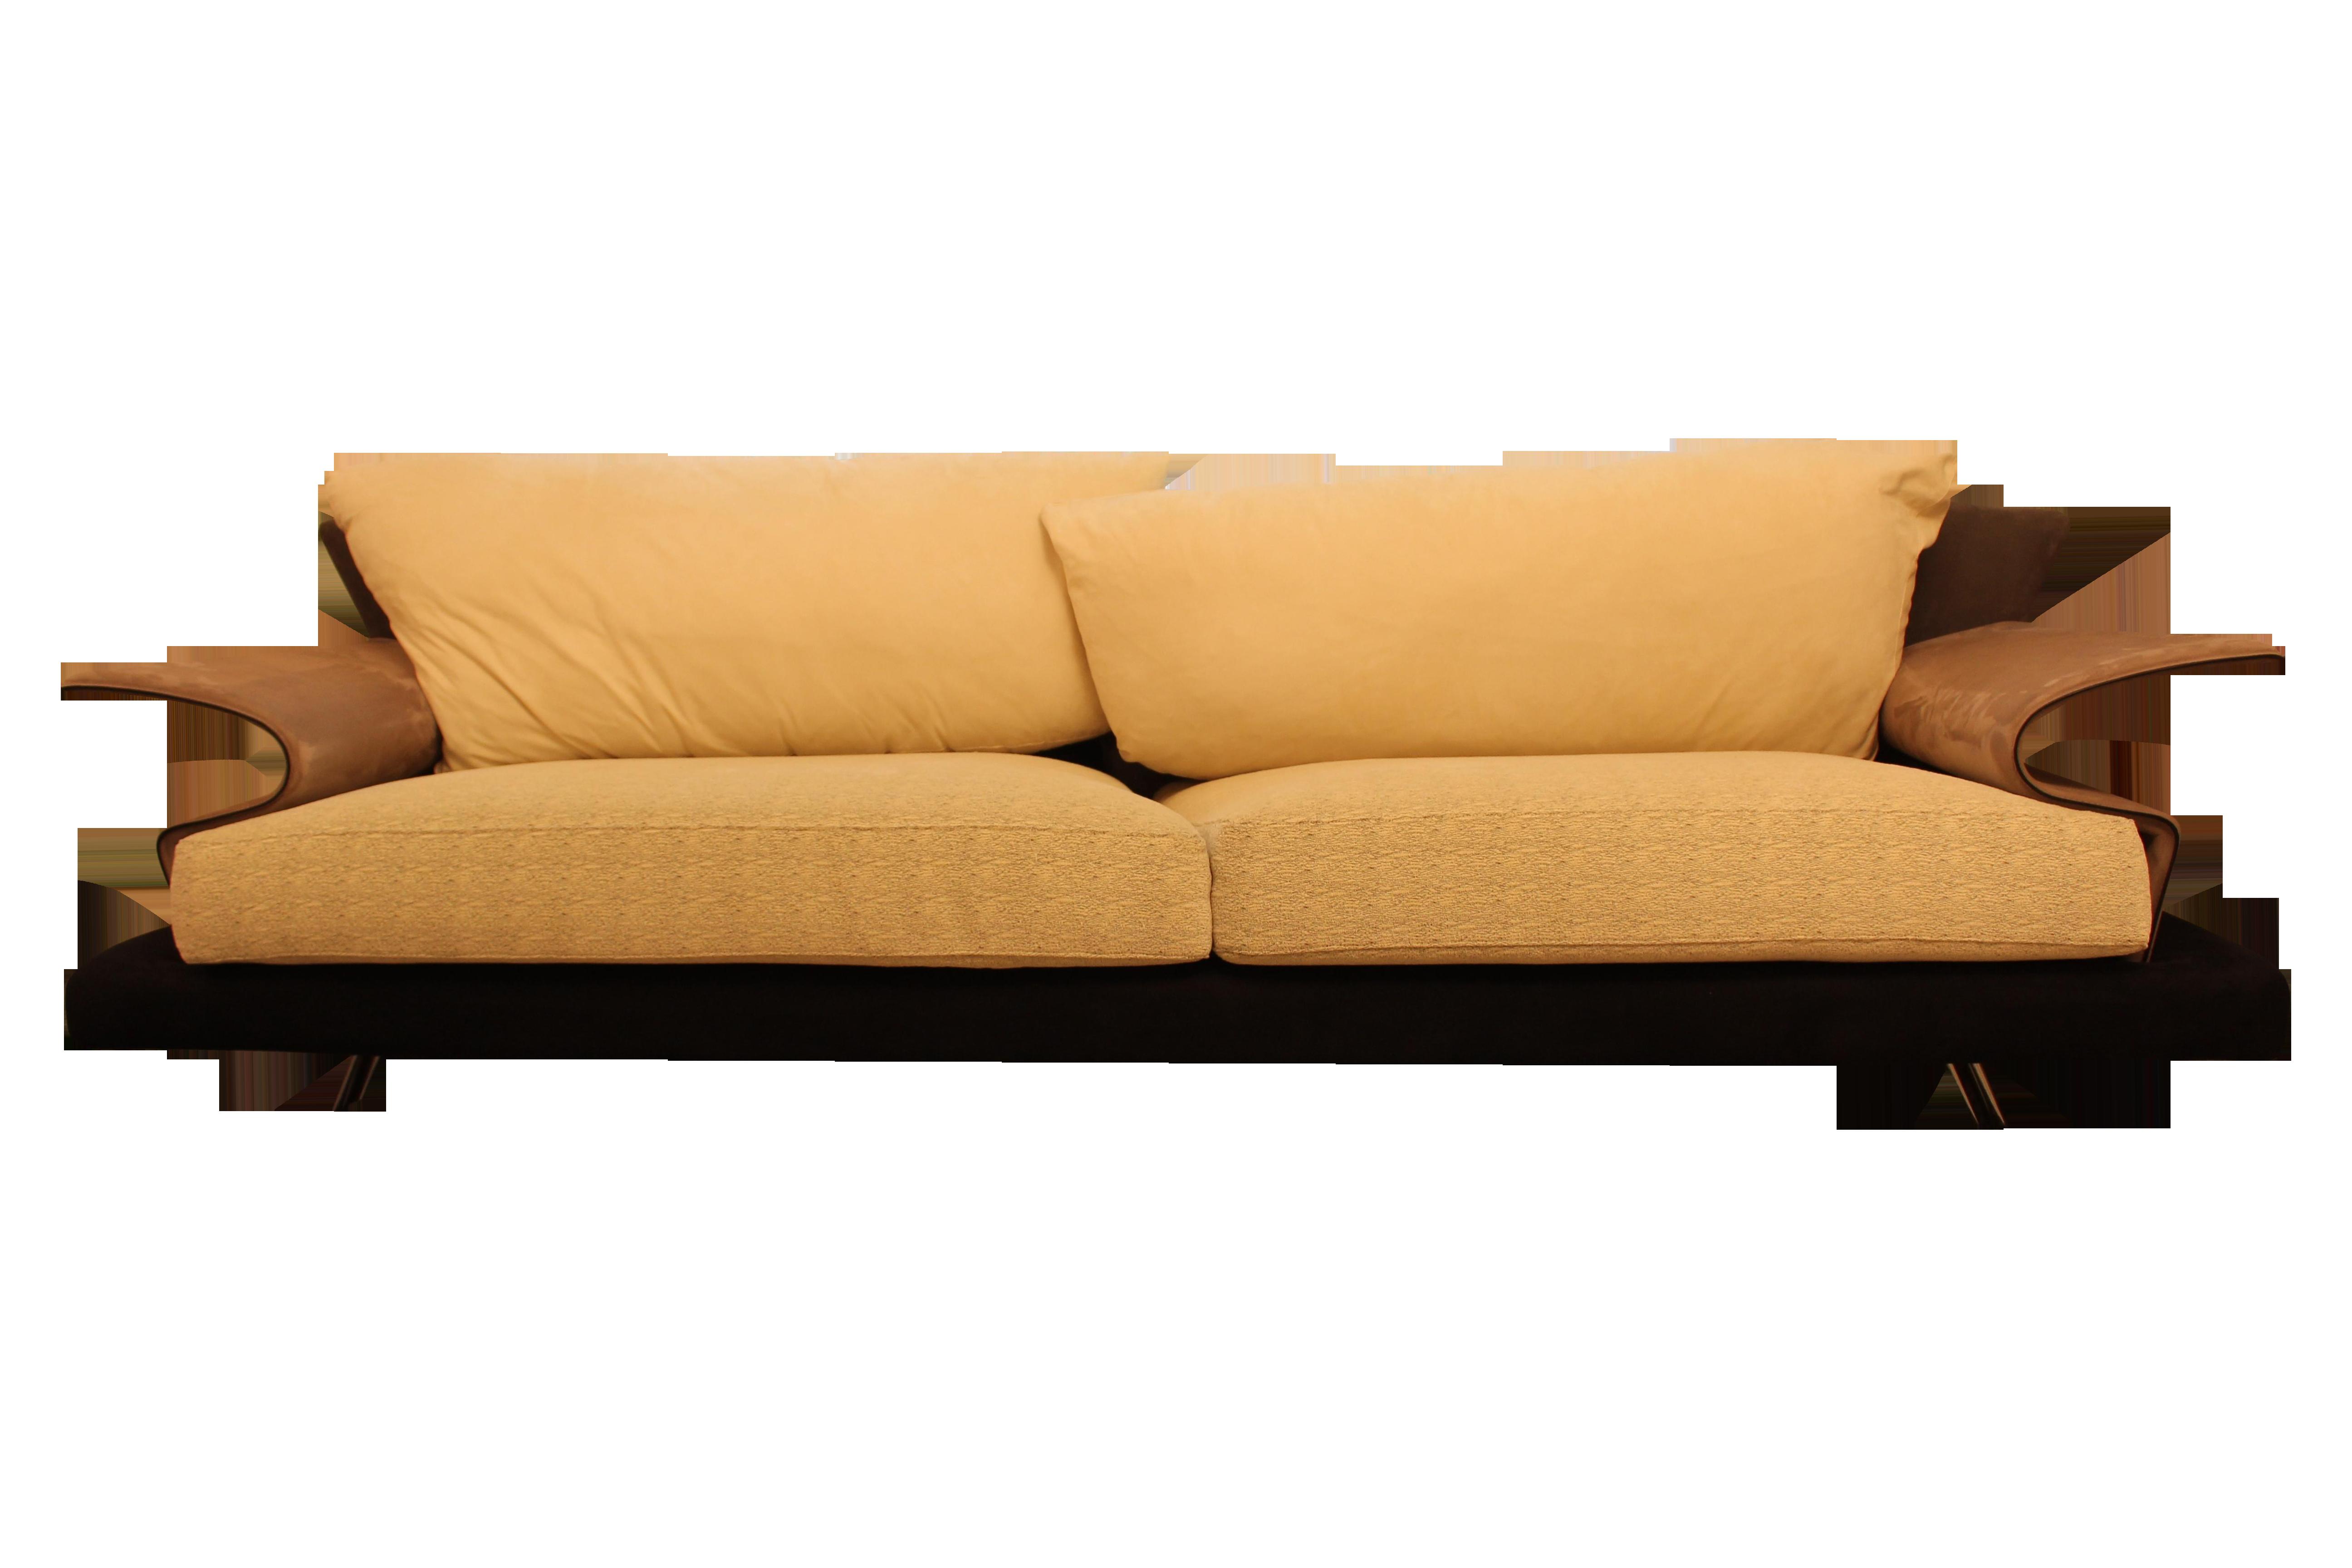 Giorgio saporiti il loft super roy sofa chairish - Super sofa ...